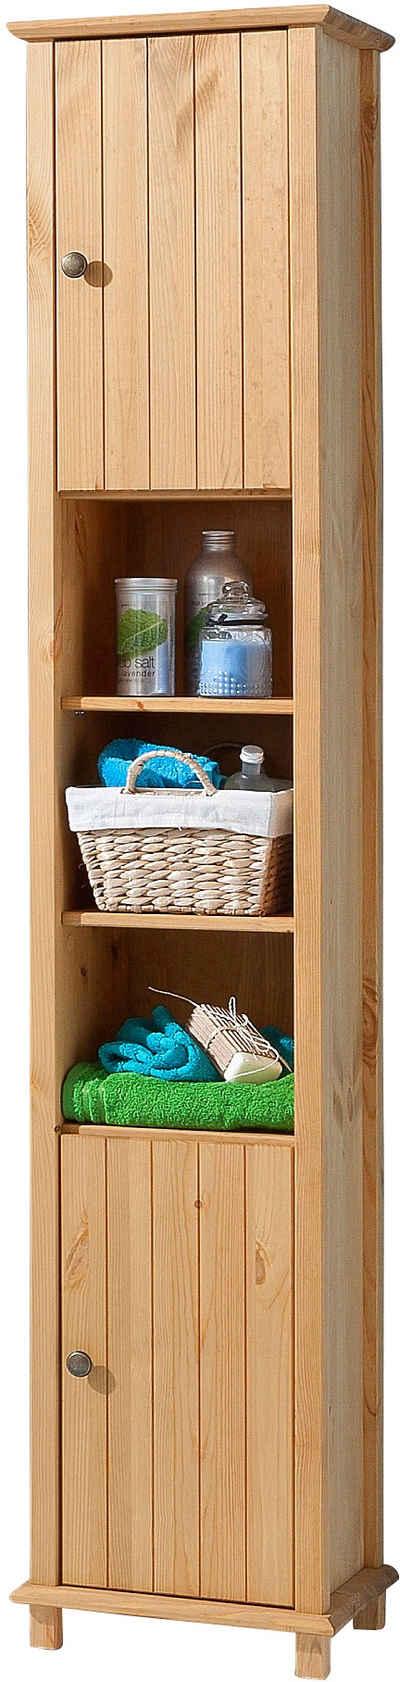 bad-hochschrank » badezimmer hochschrank schmal & breit | otto - Badezimmer Hochschrank Holz